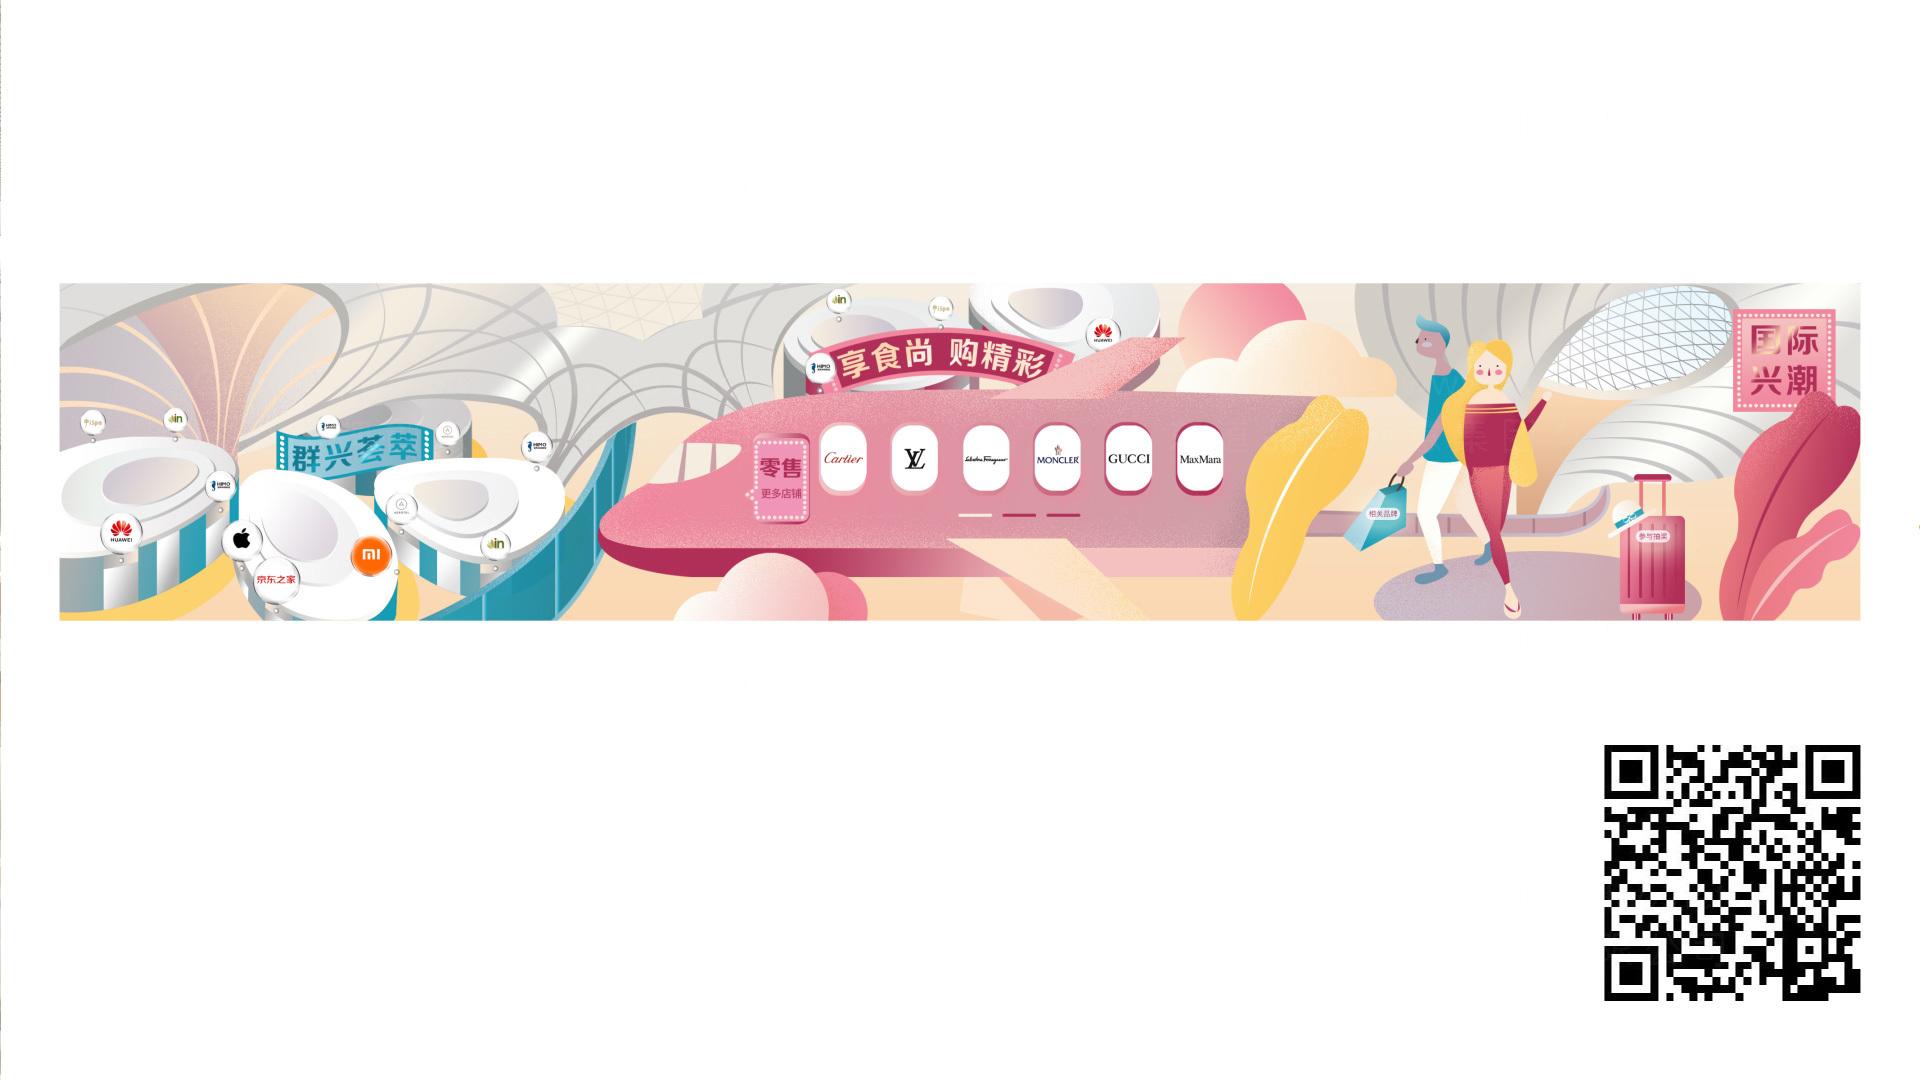 公关传播大兴机场品牌战略+传播推广应用场景_8